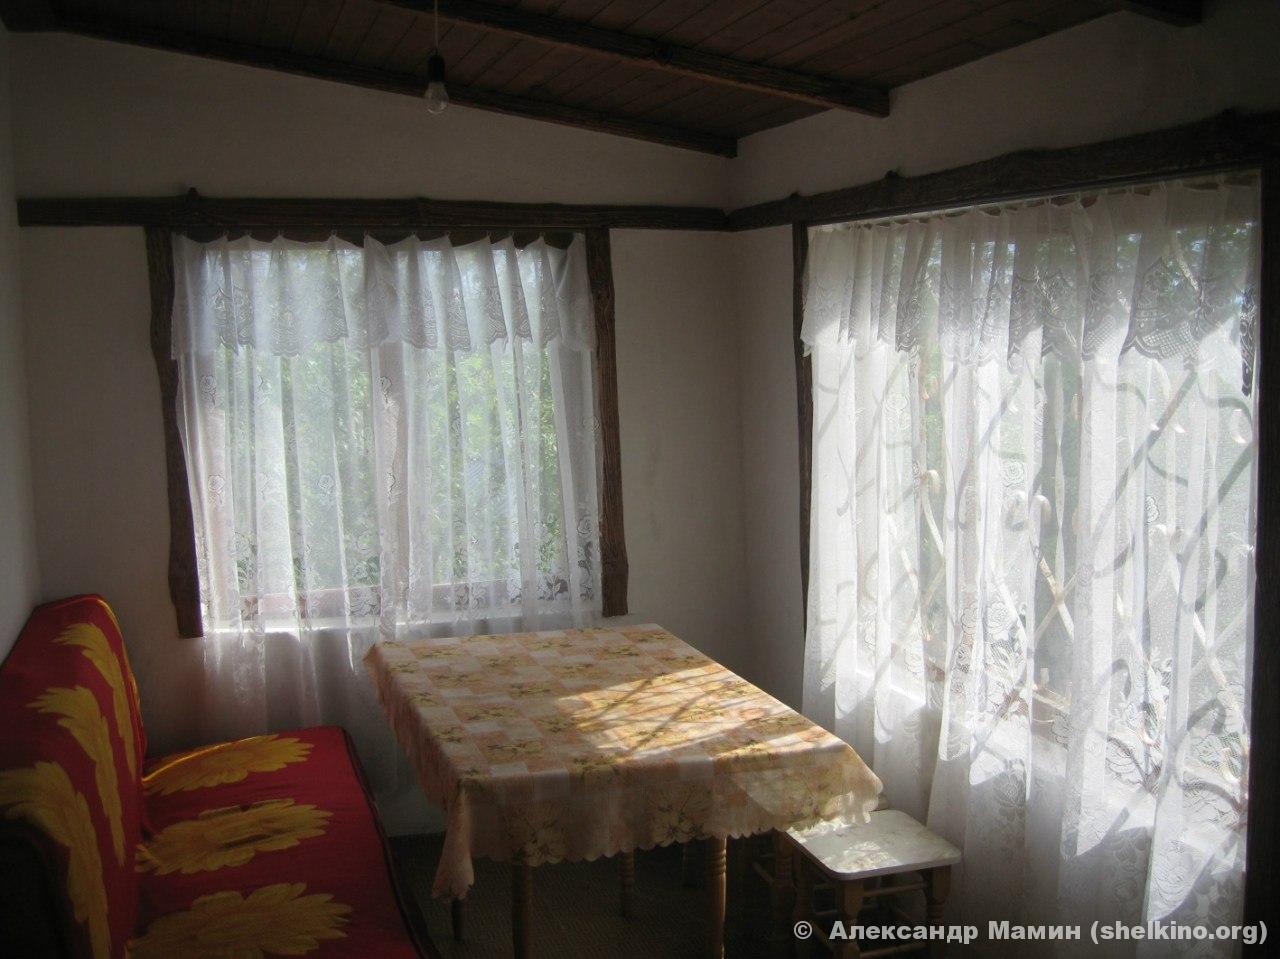 Дача №502 2 комнатная дача в Семёновке